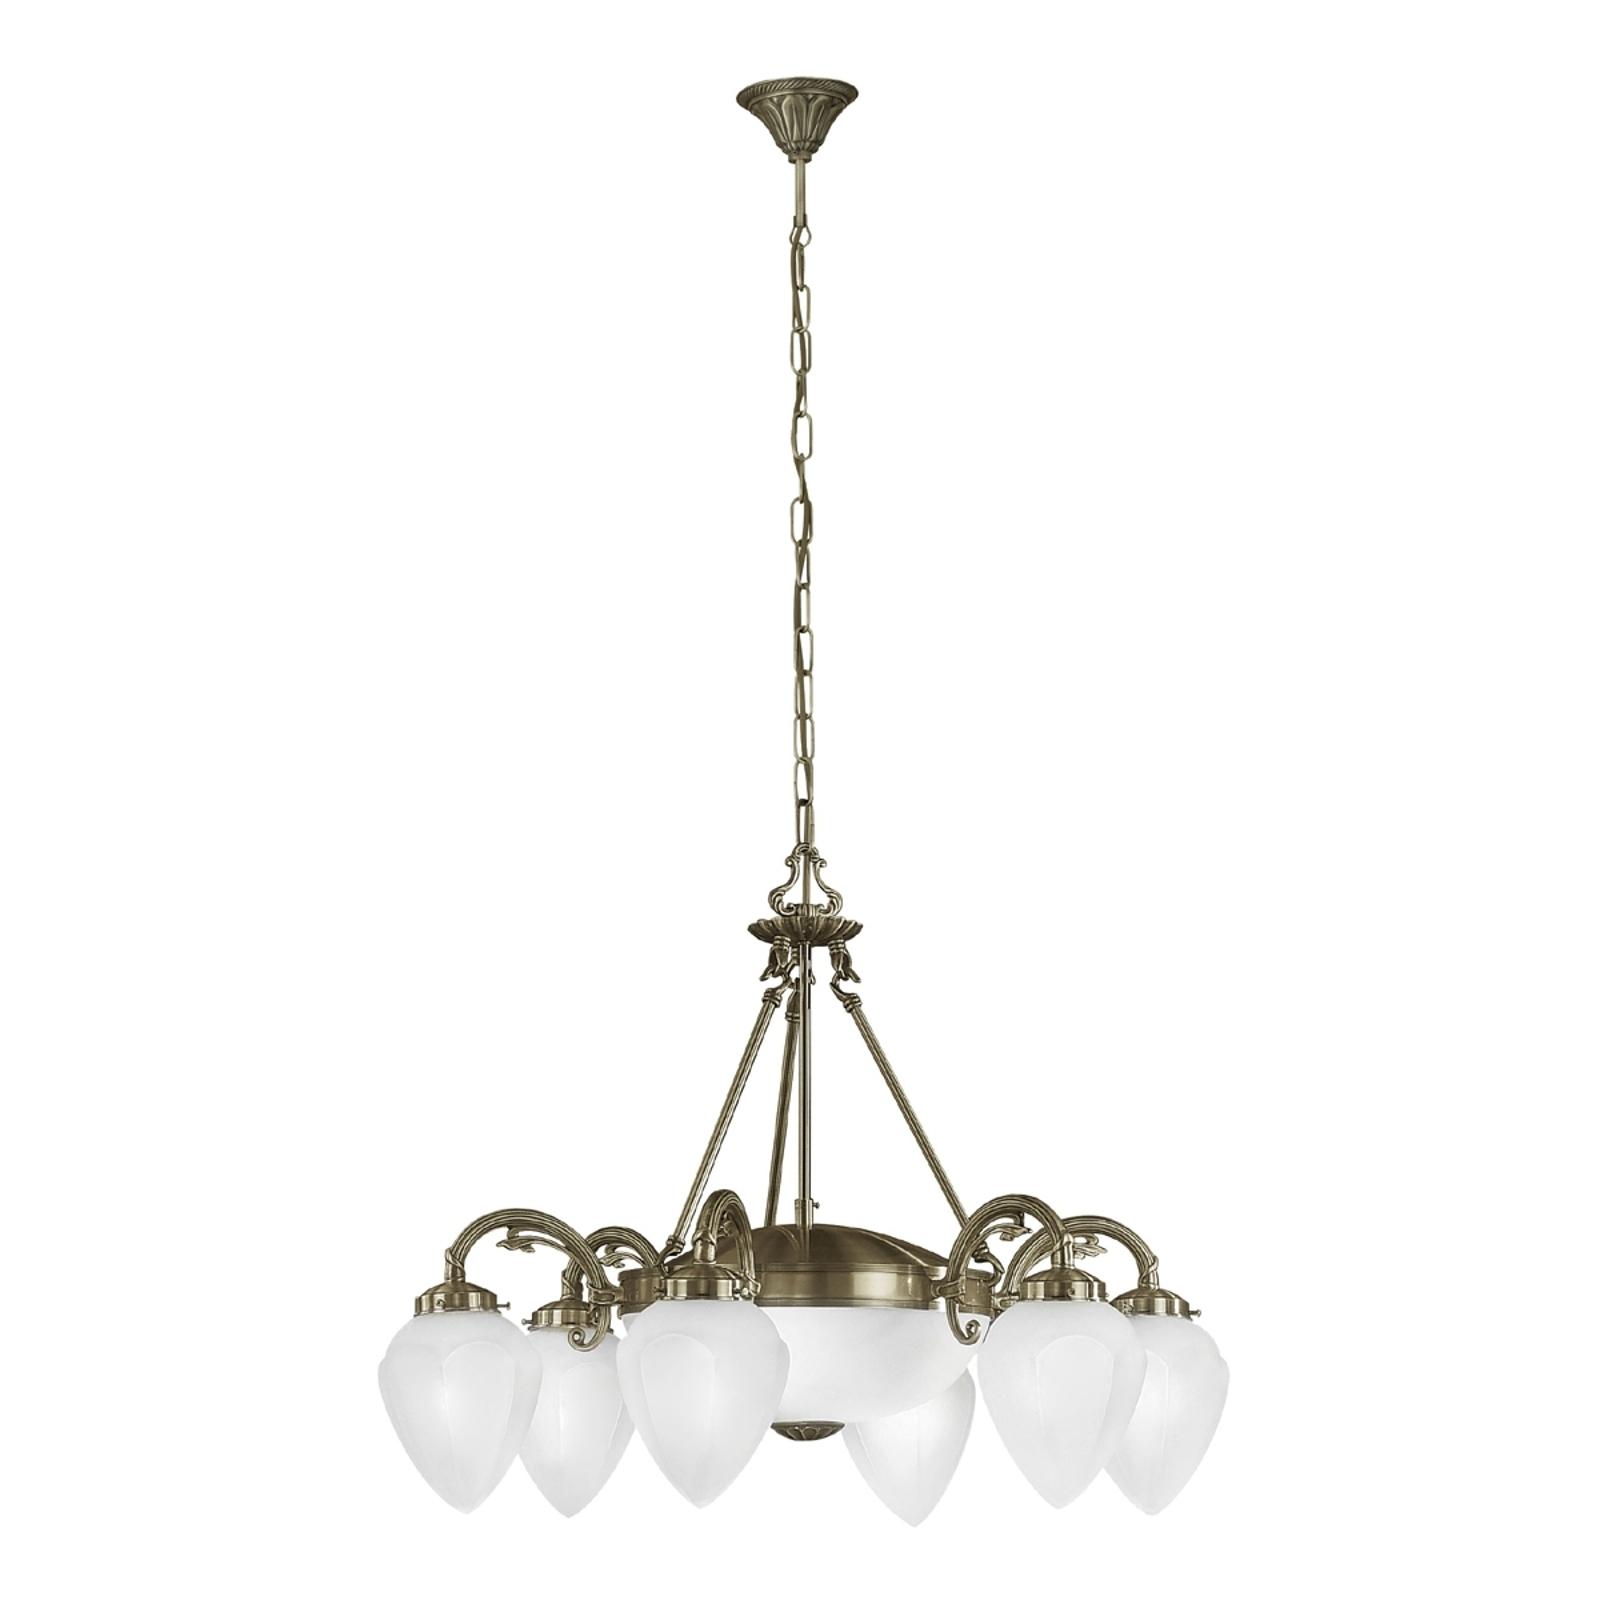 Impery - lampada a sospensione classica, 8 luci